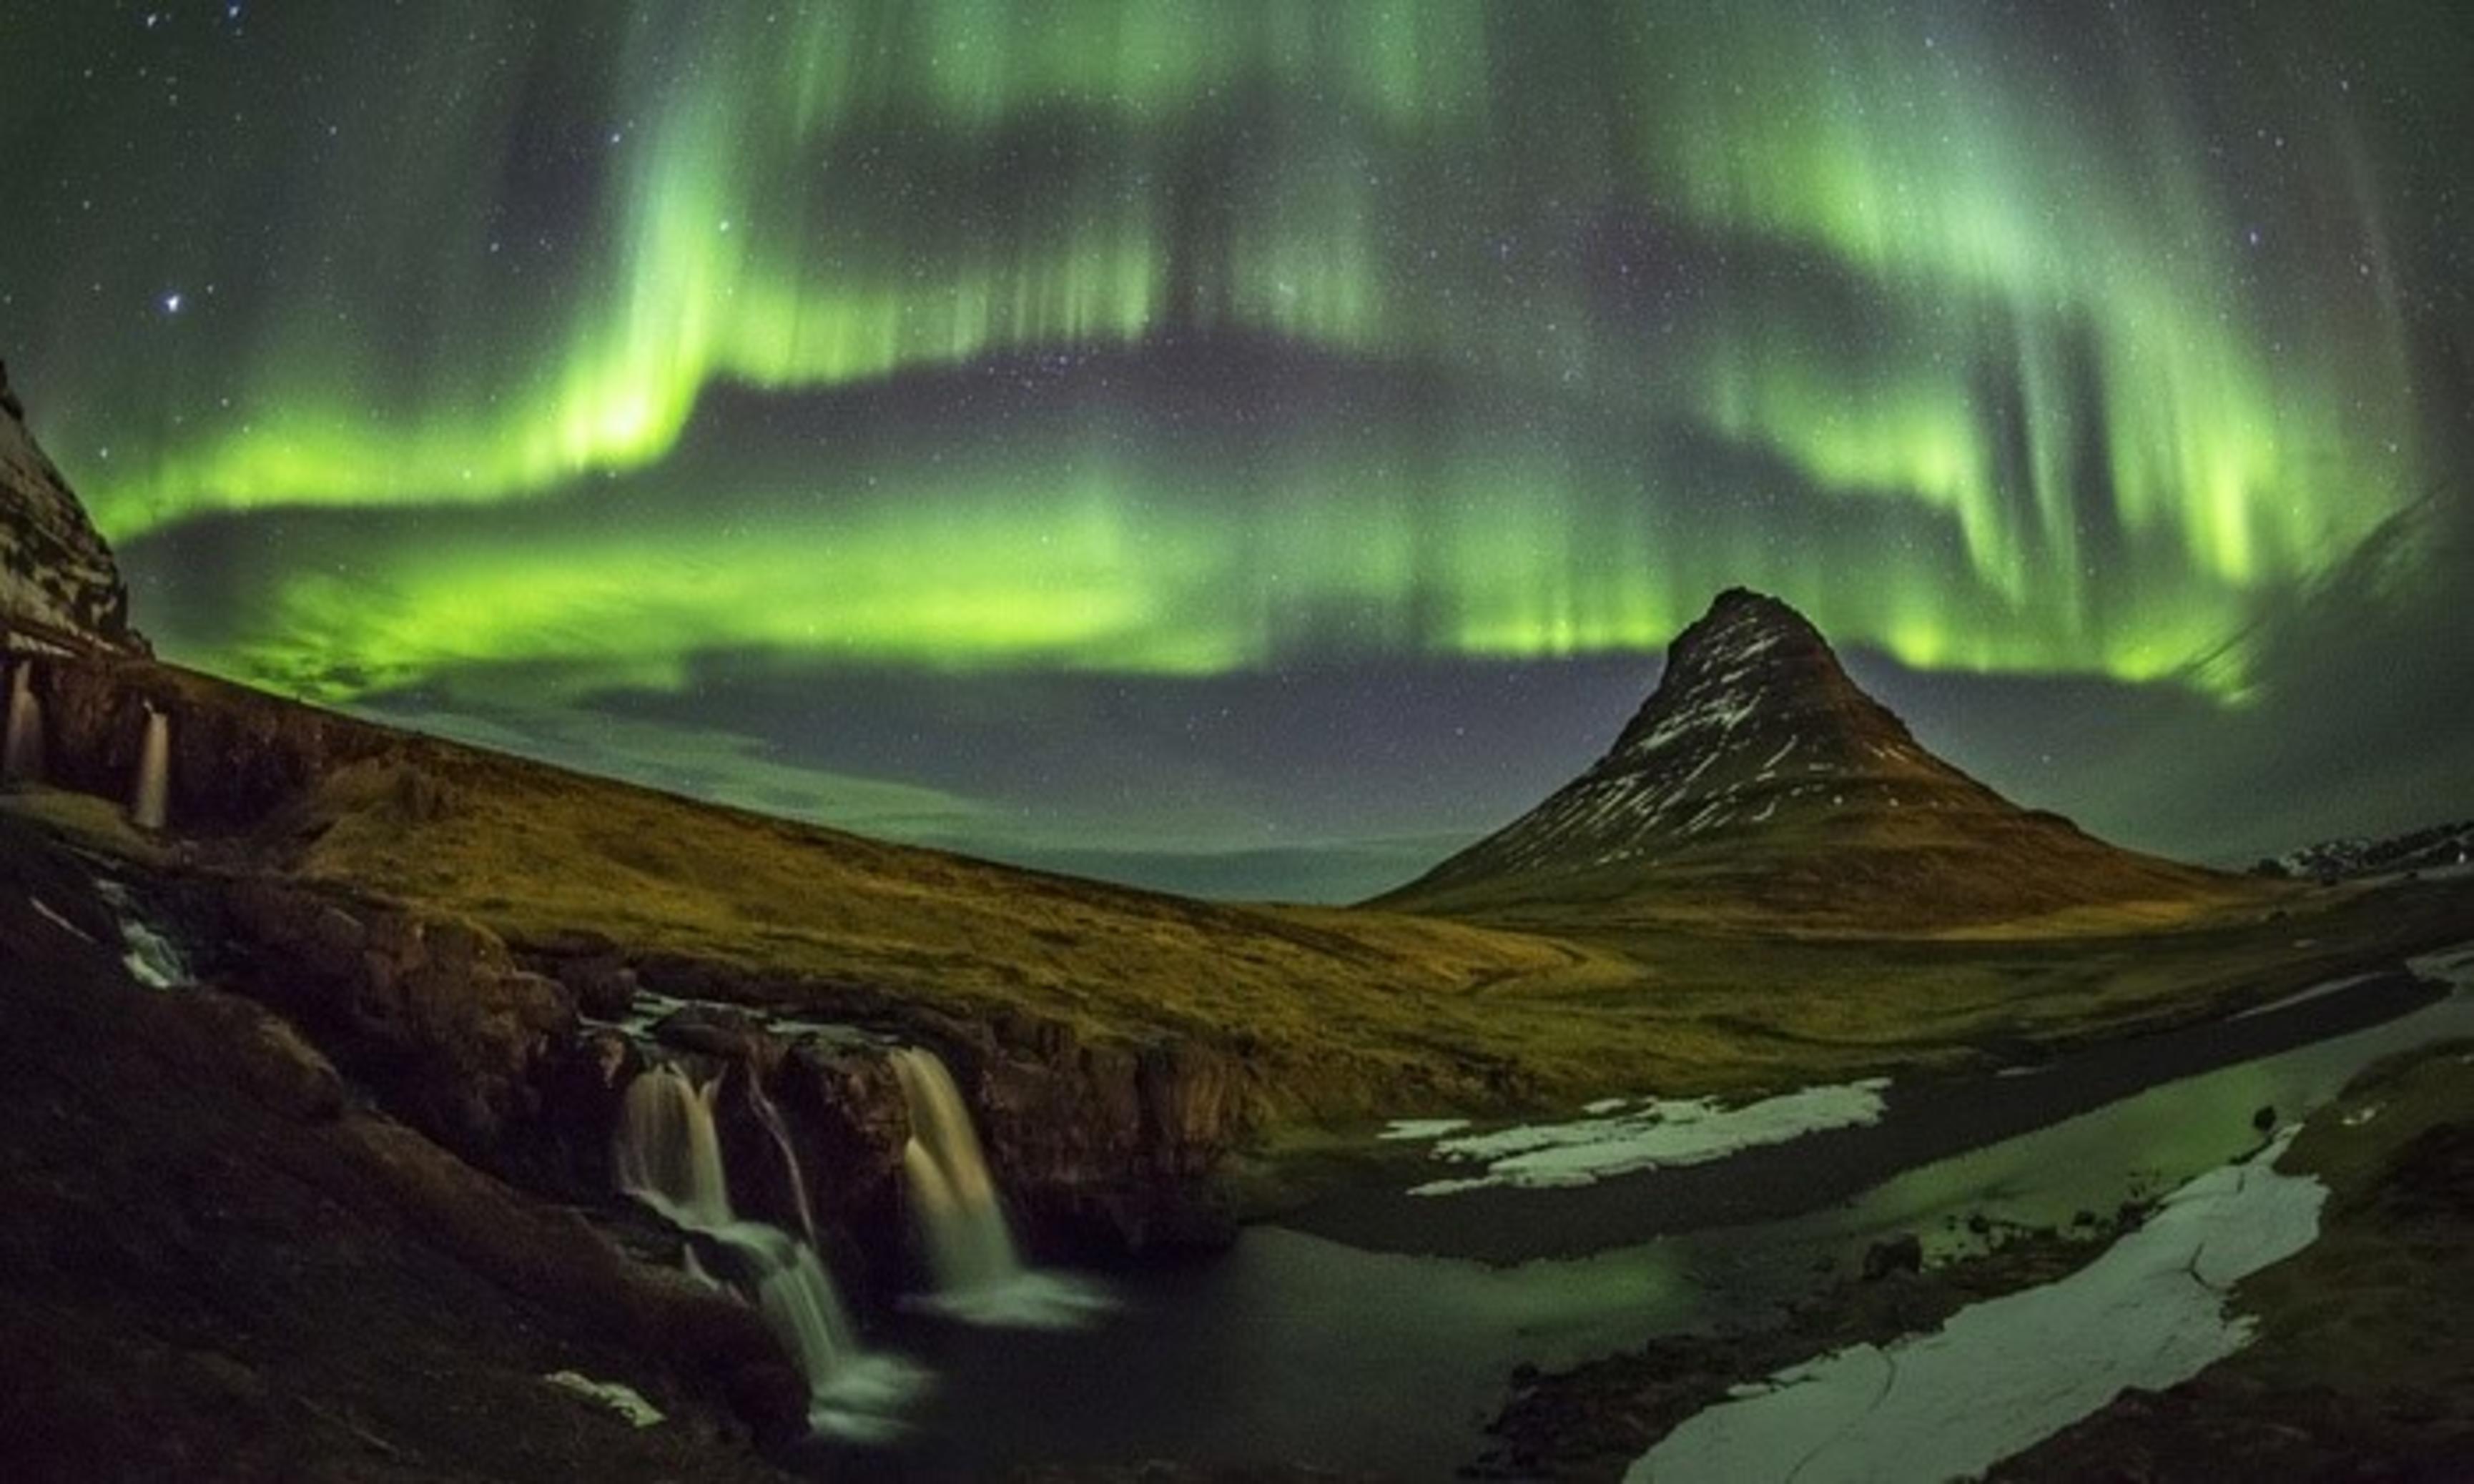 แกรนด์ไอซ์แลนด์ มหัศจรรย์สวรรค์บนดิน 10 วัน